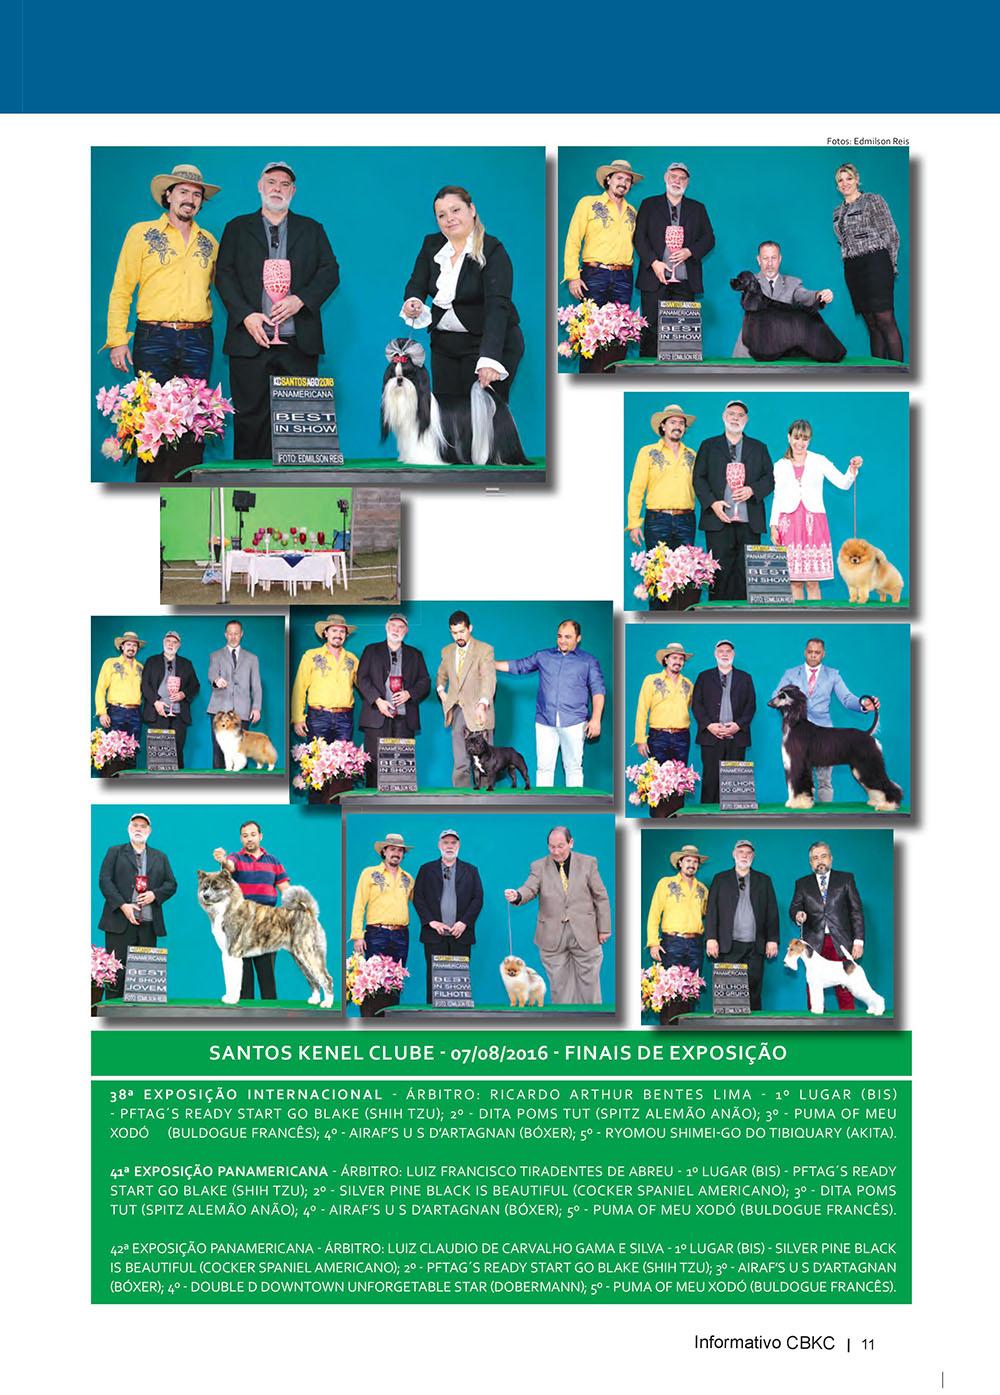 Pagina 11  Edição 53 do Informativo CBKC